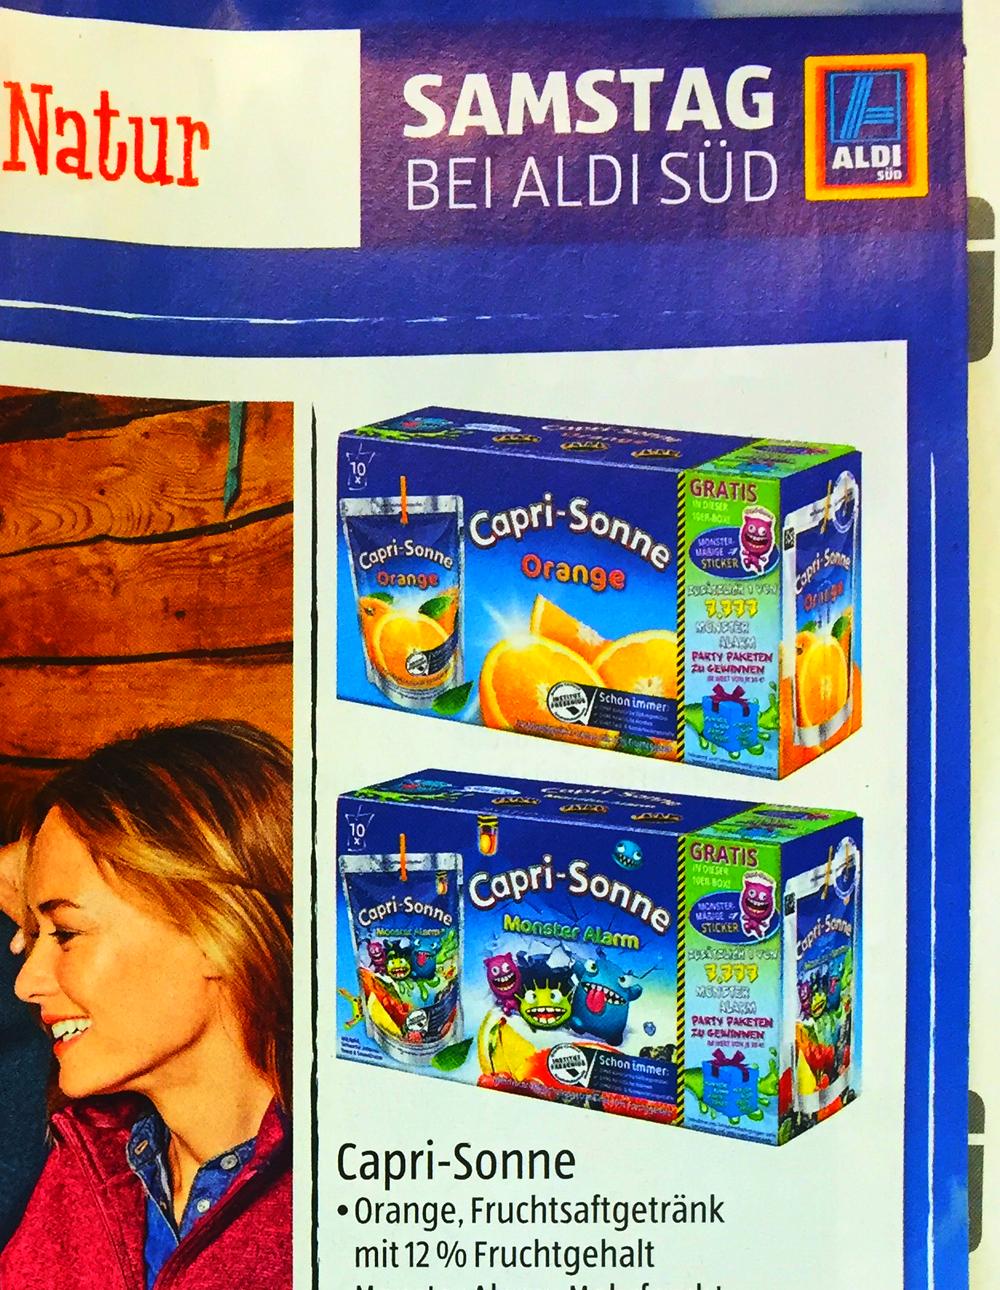 Capri-Sonne versinkt bei Aldi   inside Getränke - Informationen aus ...